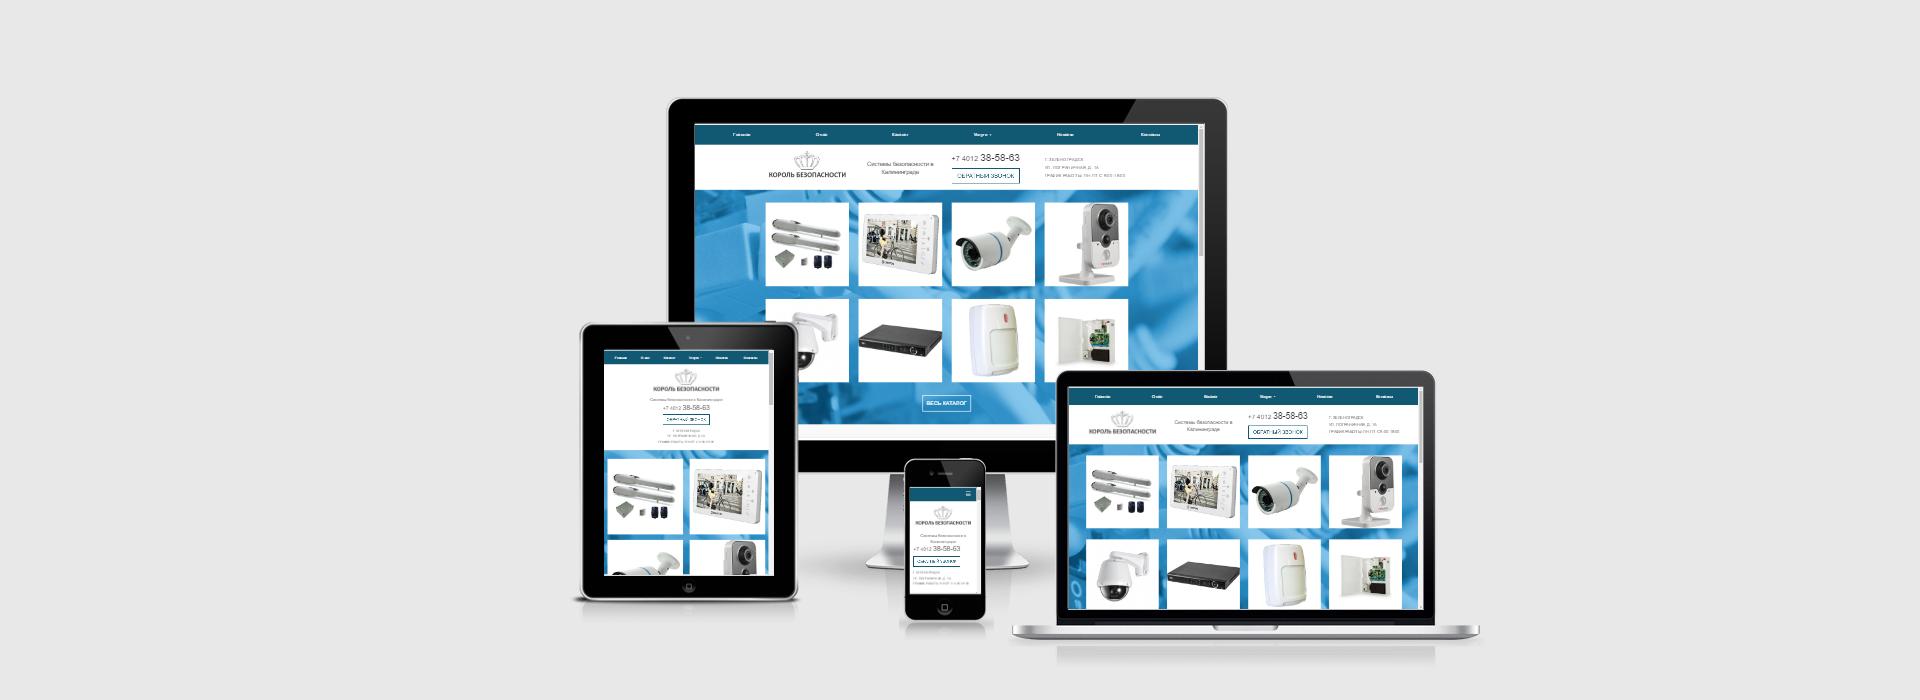 Сайт каталог товаров систем видеонаблюдения